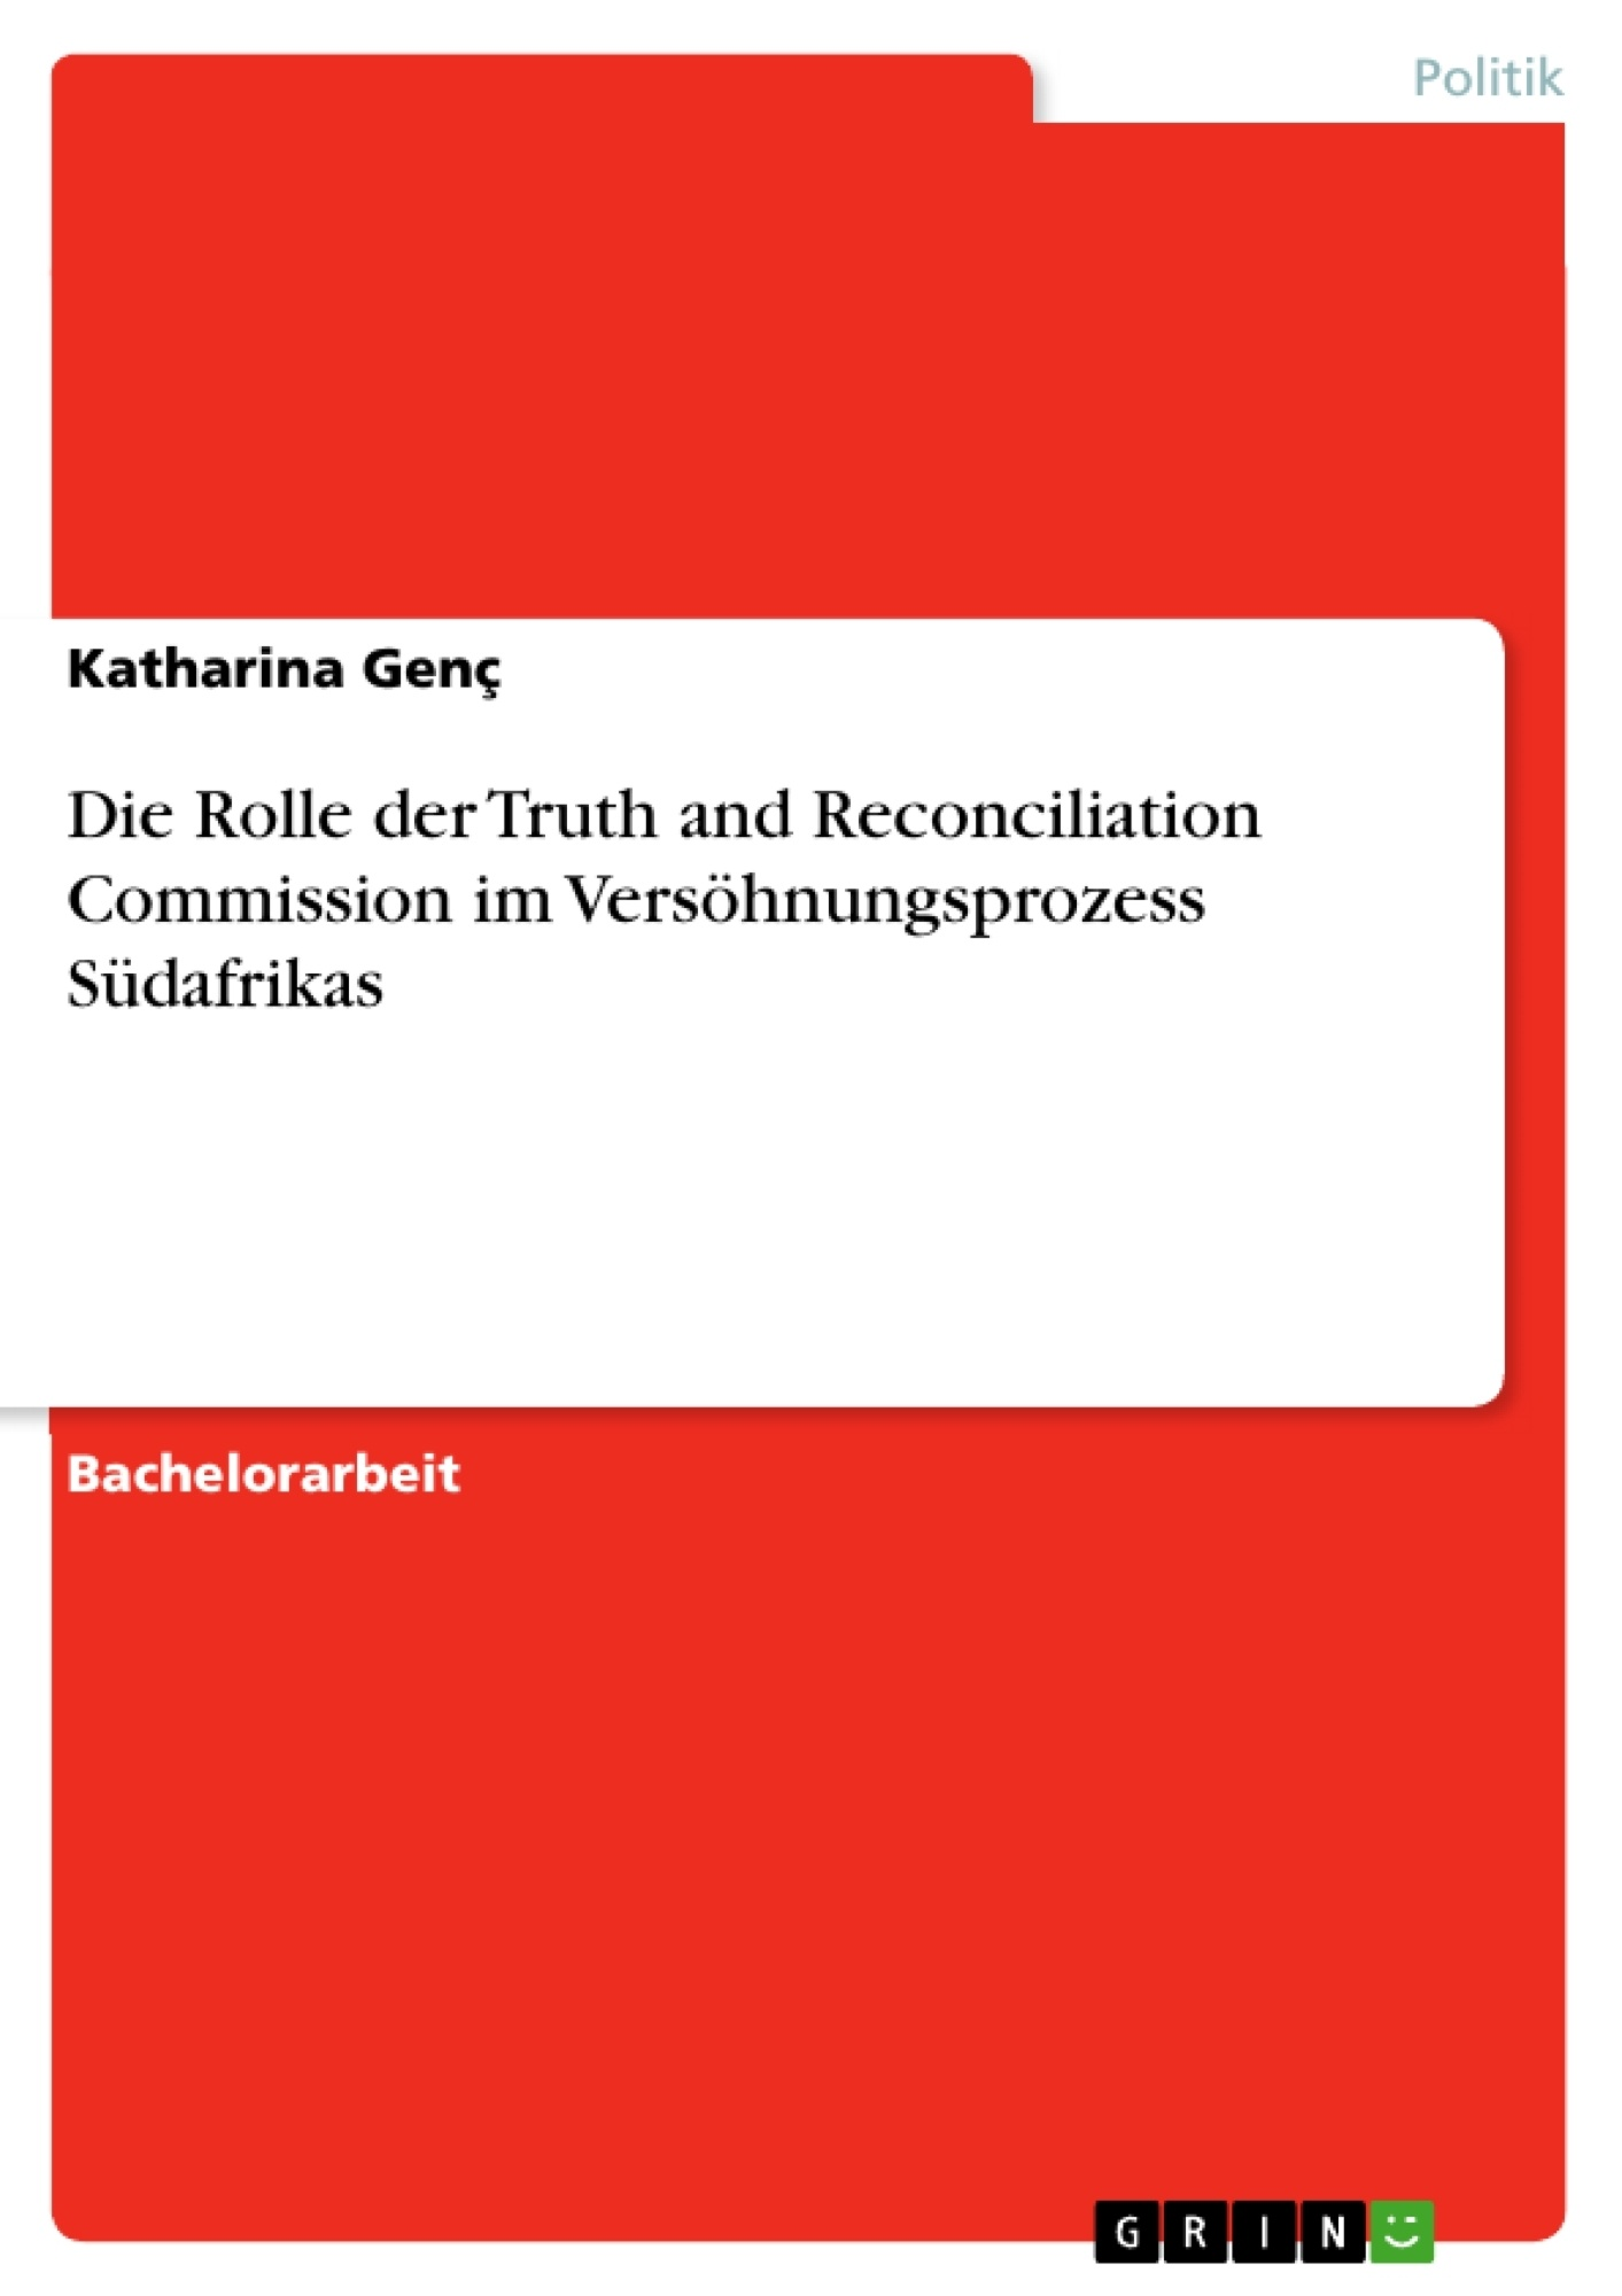 Titel: Die Rolle der Truth and Reconciliation Commission im Versöhnungsprozess Südafrikas